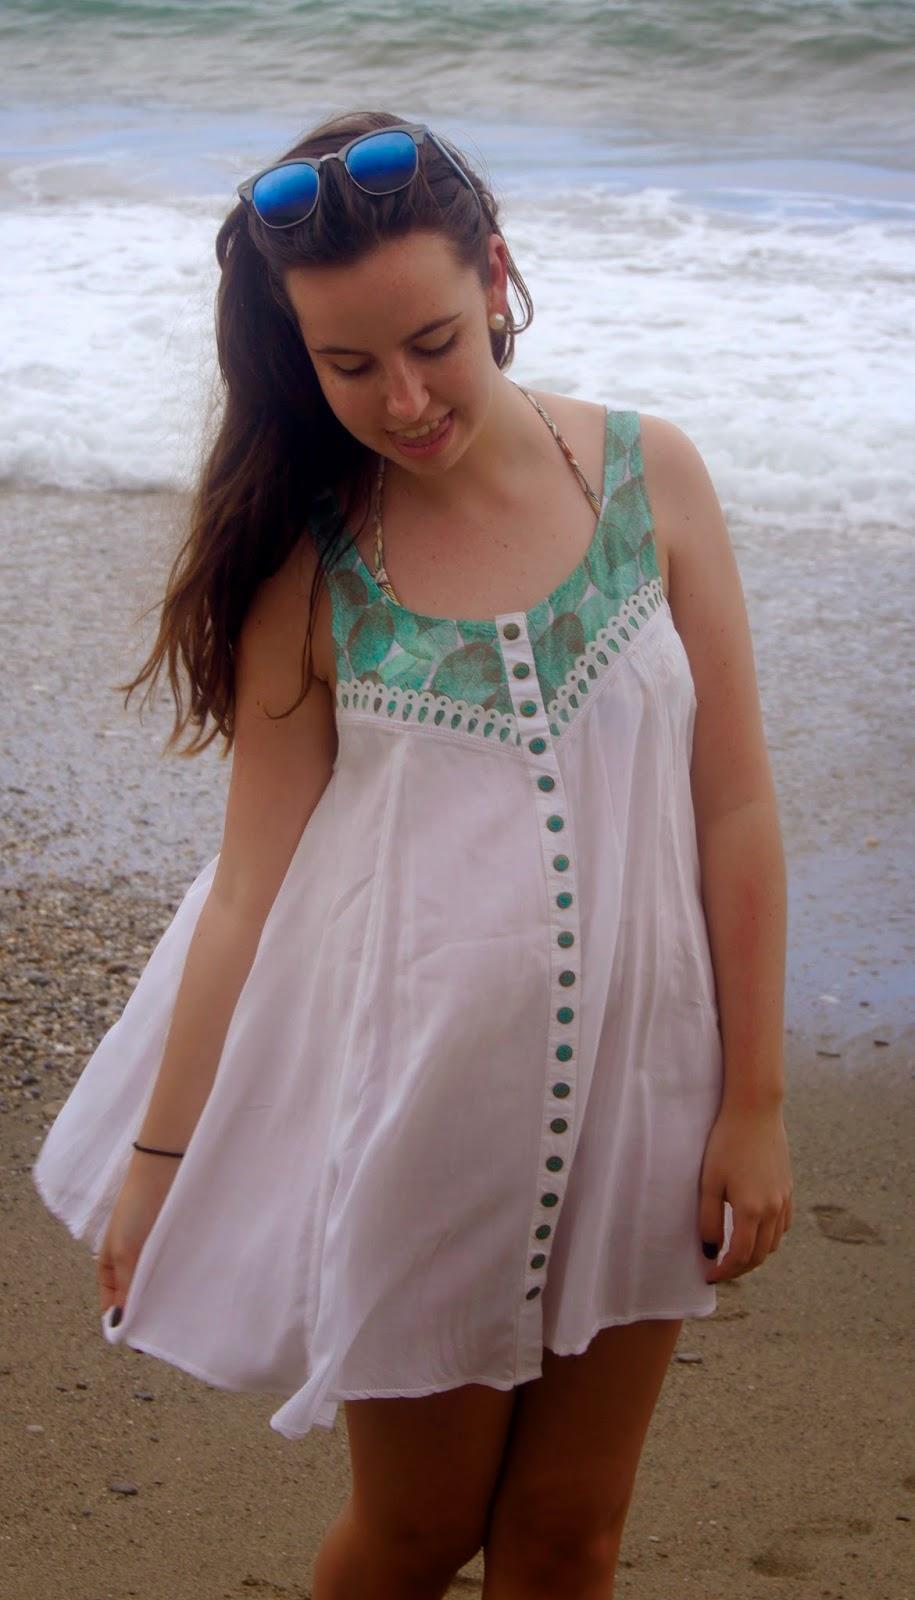 hey vicky hey, victoria suarez, playa, beach, blogger, maaji